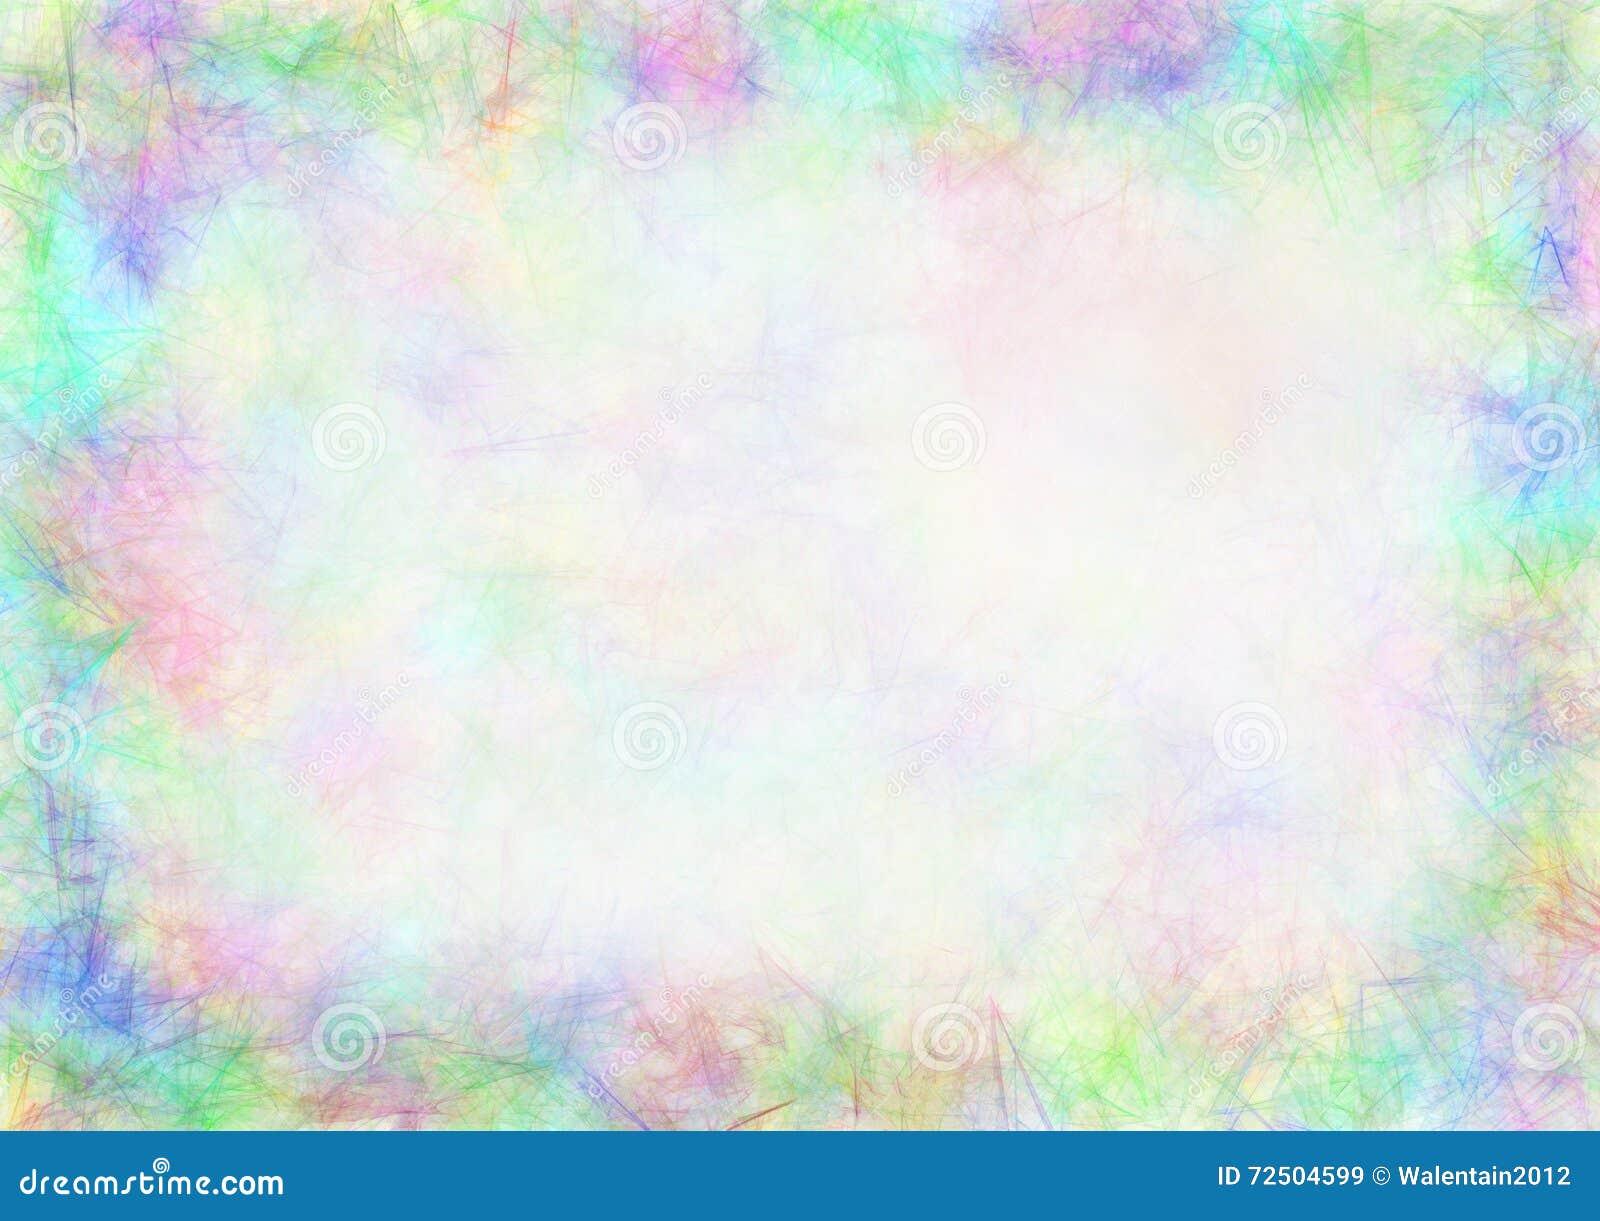 Pastel drawn textured background